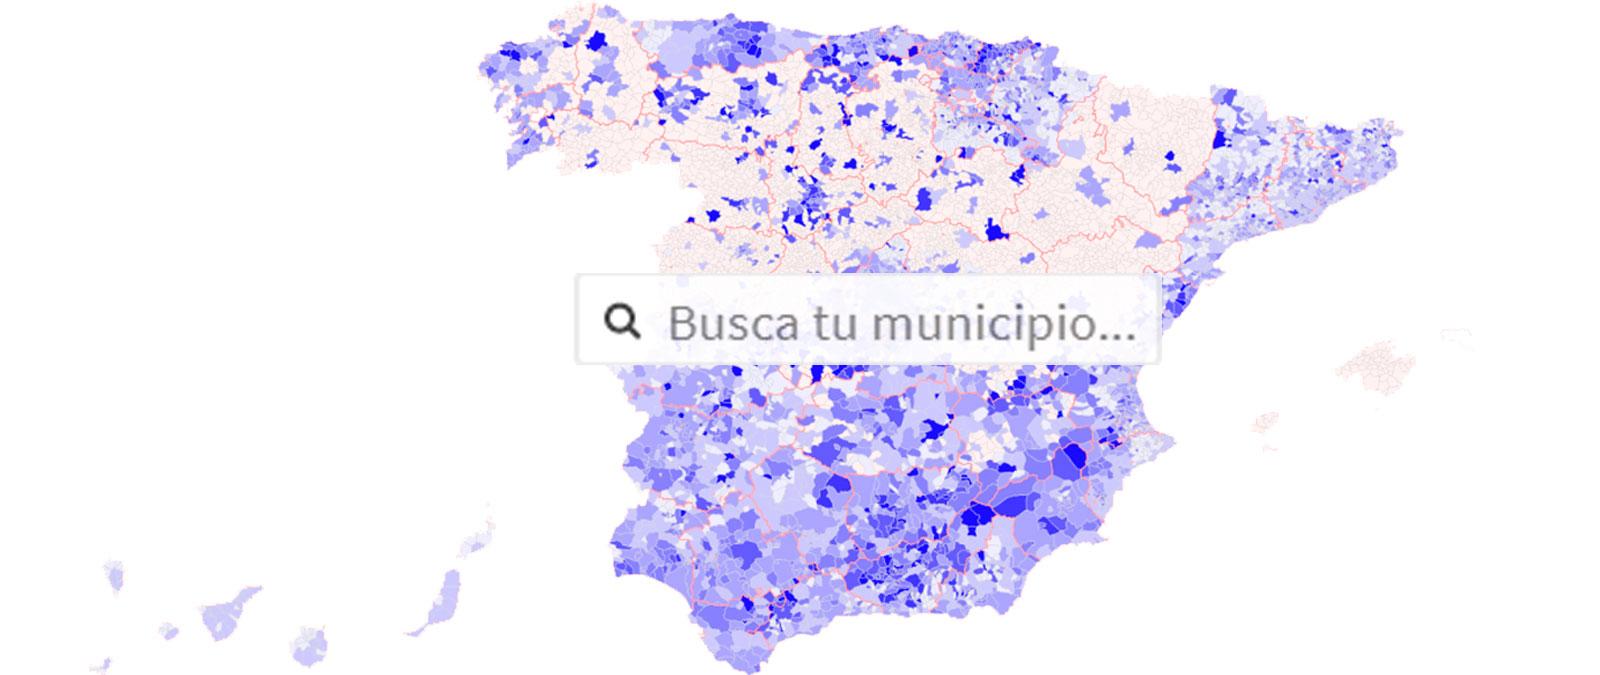 MAPA COVID-19: consulta cuántos casos de coronavirus hay en tu municipio - Maldita.es